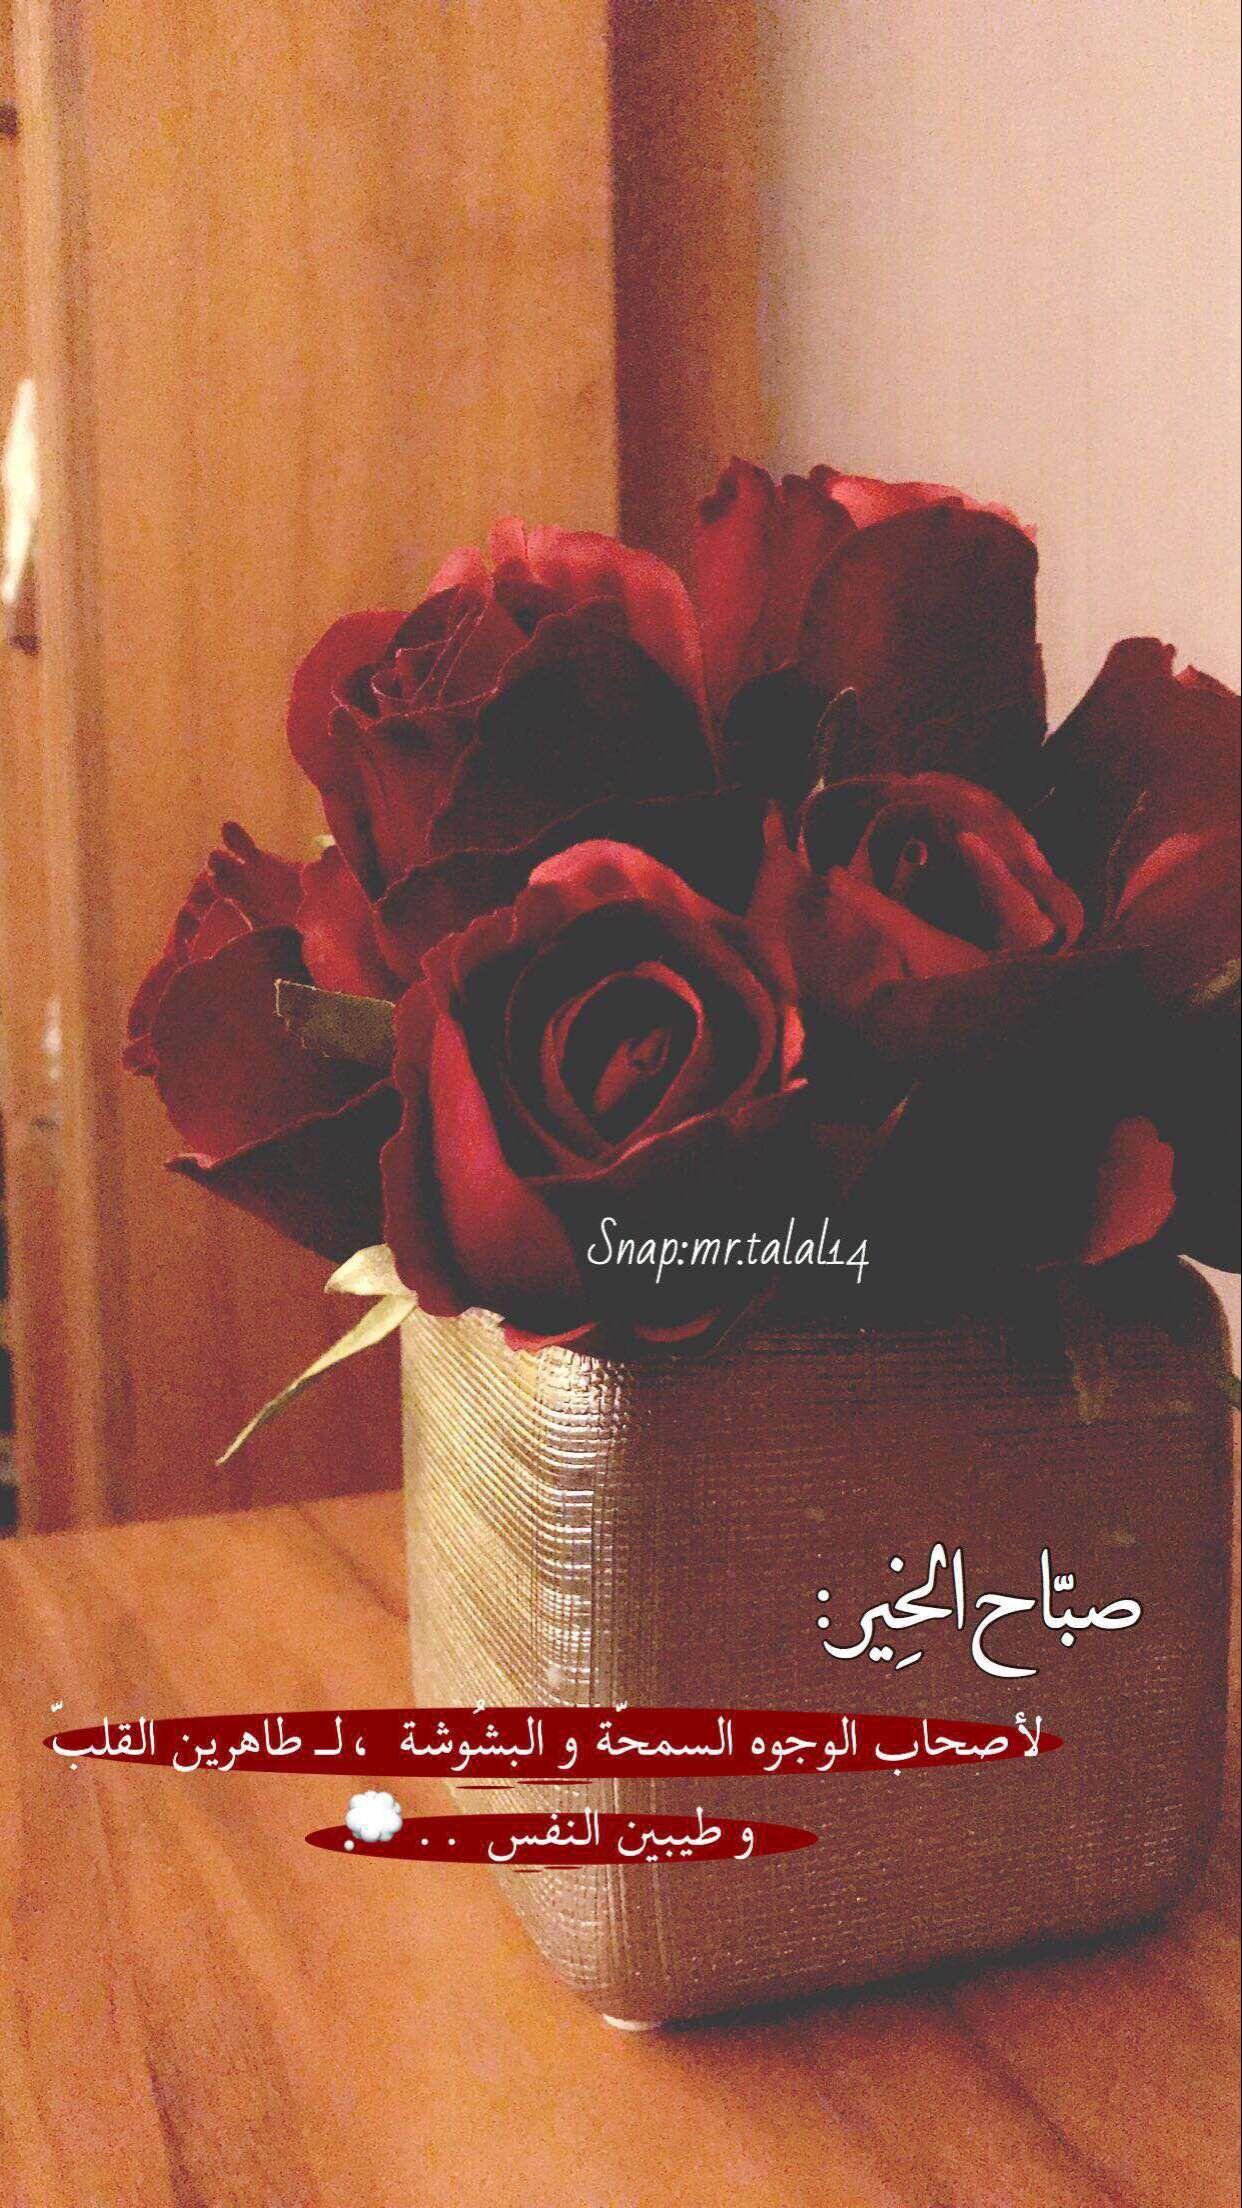 صباح النور والنوير واوراق الشجر والطير Good Morning Arabic Morning Quotes Images Good Morning My Love